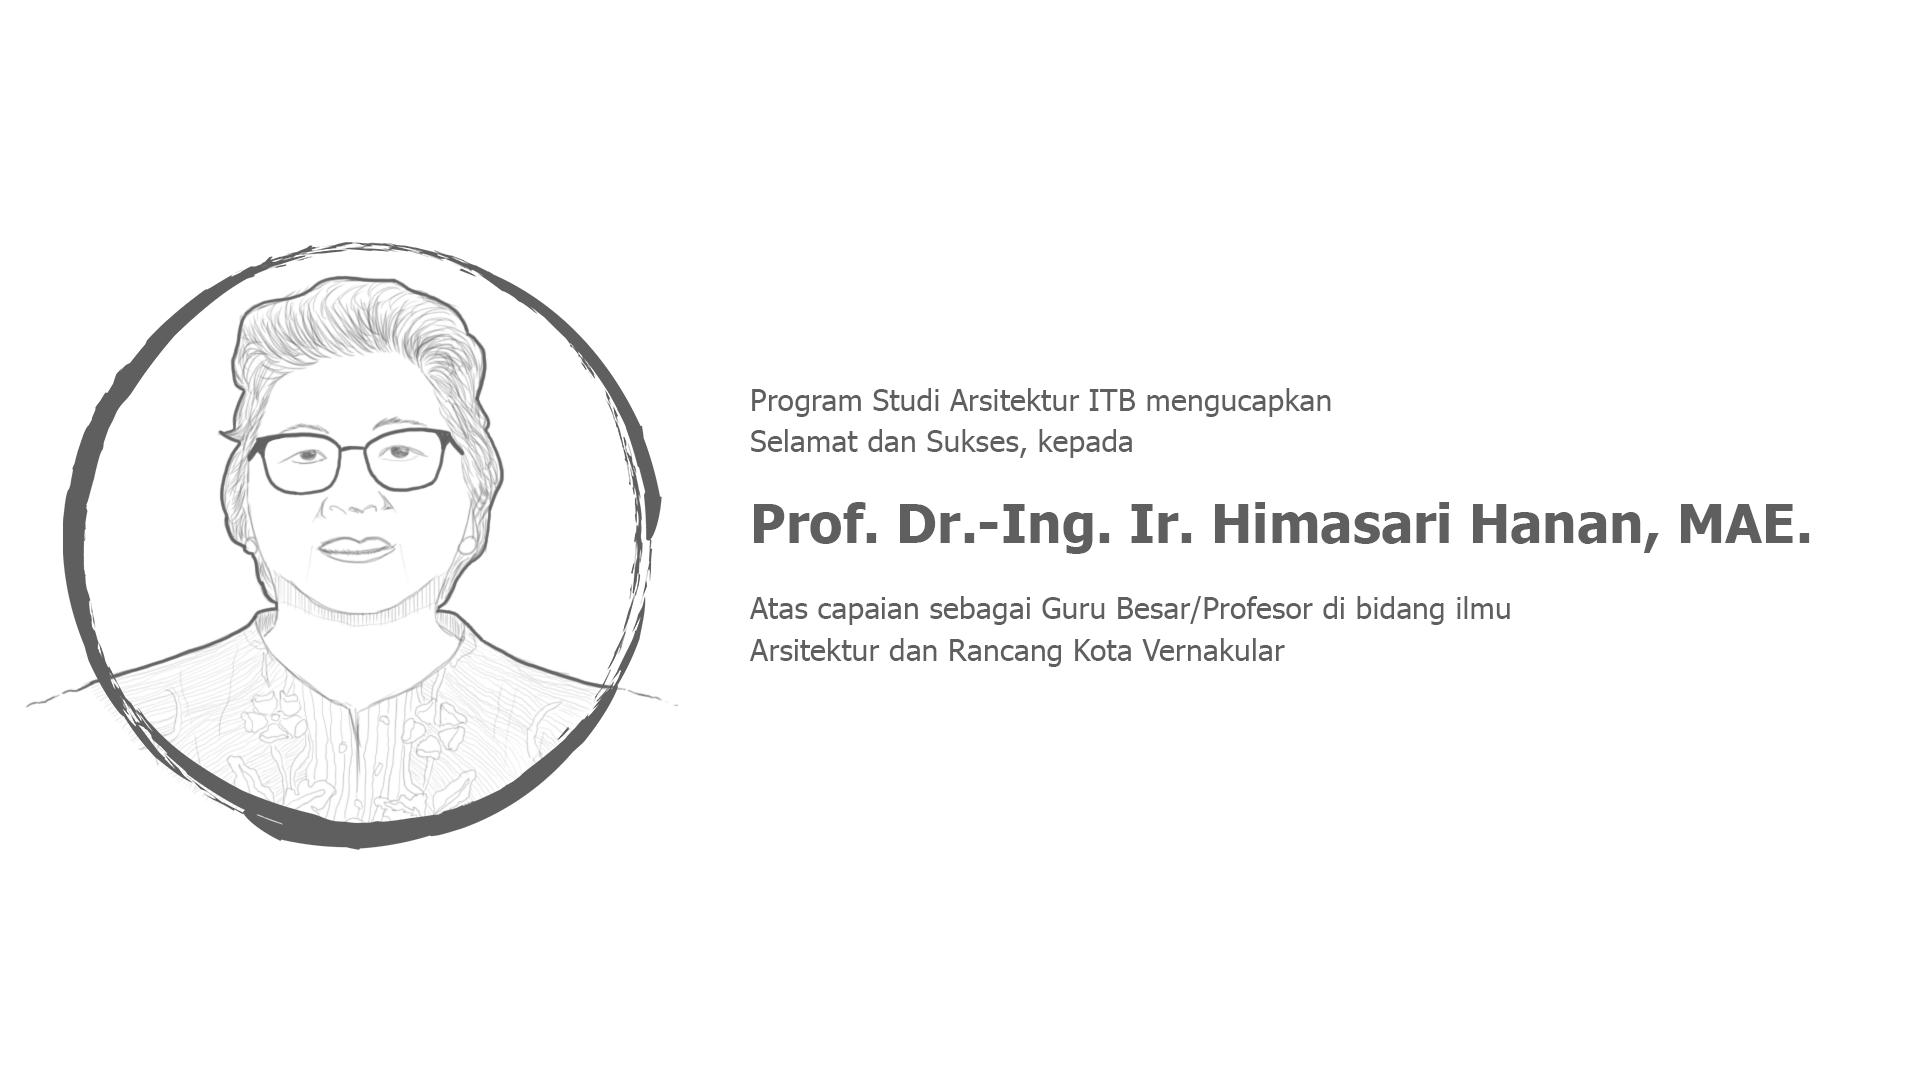 Prof. Dr.-Ing. Ir. Himasari Hanan, MAE. Guru Besar/Profesor di bidang ilmu Arsitektur dan Rancang Kota Vernakular